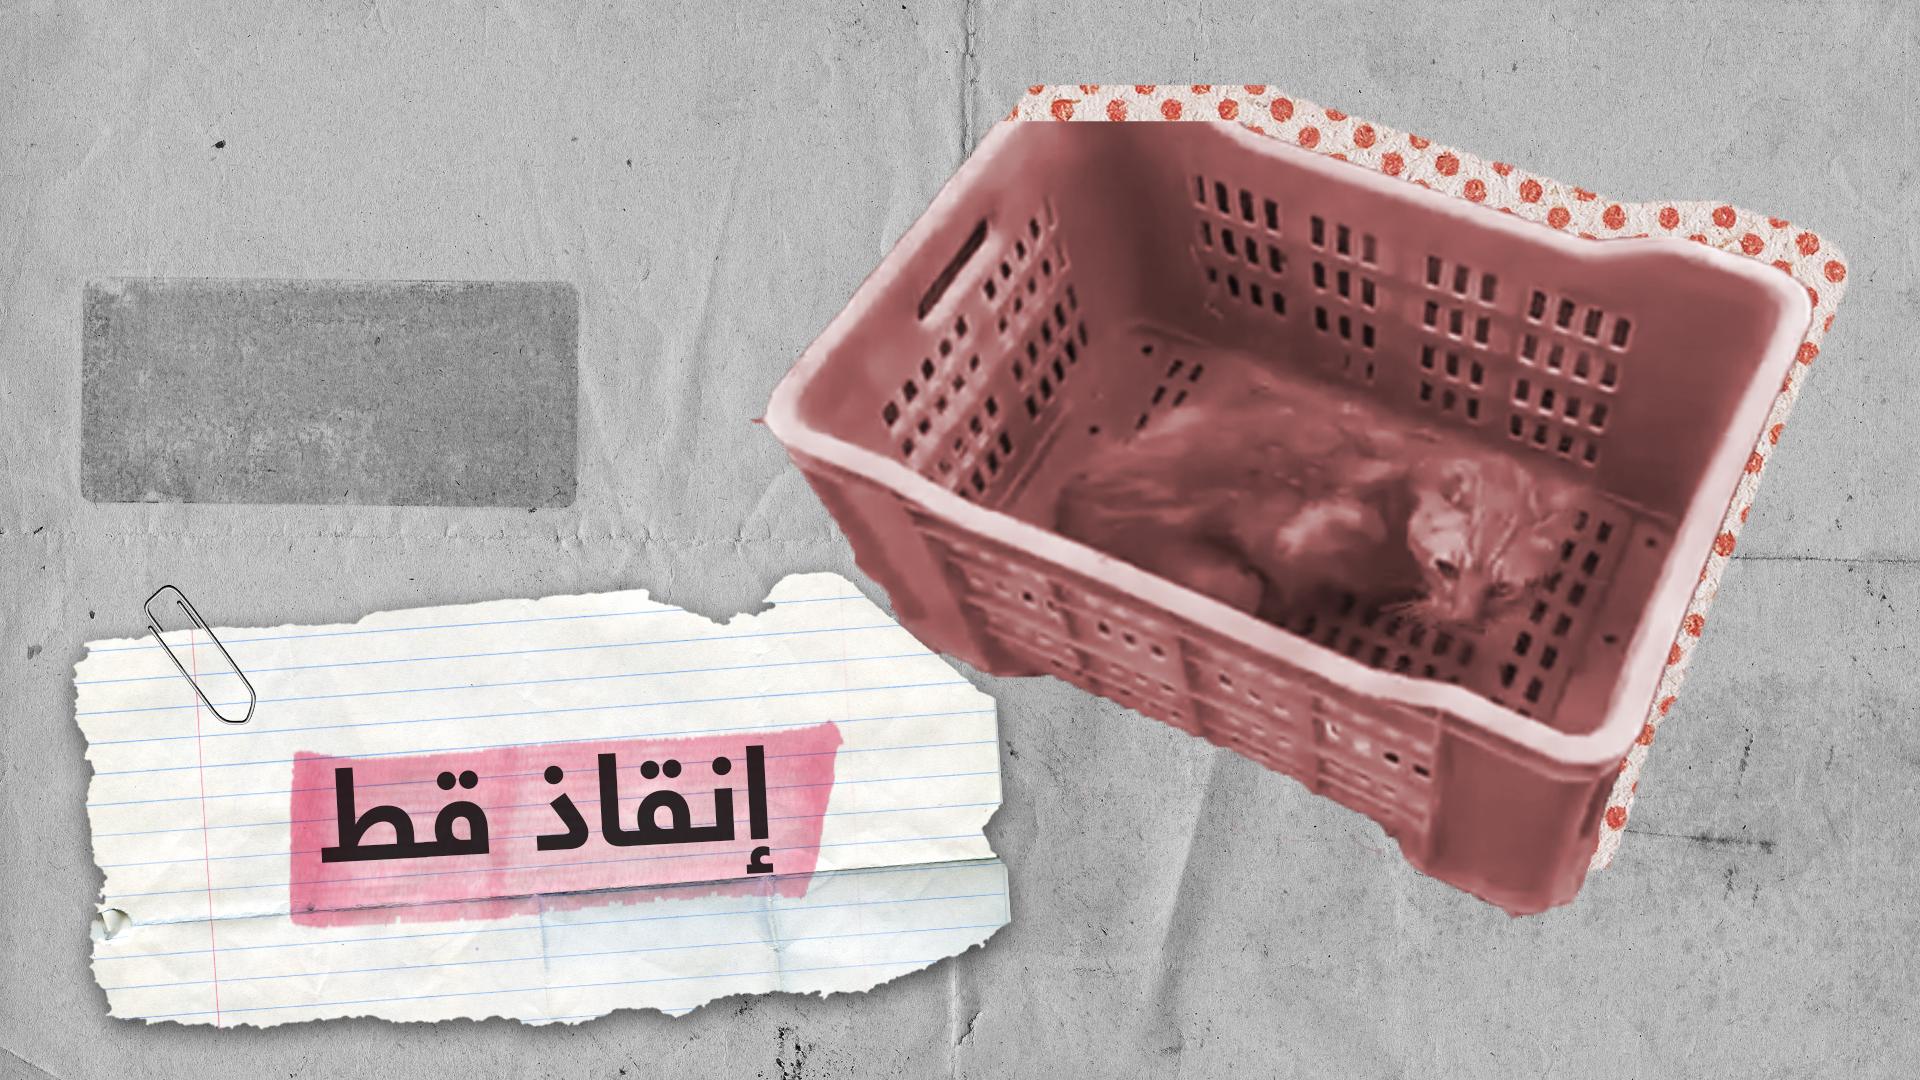 الدفاع المدني التونسي ينقذ قطا علق في بئر منذ عام ونصف